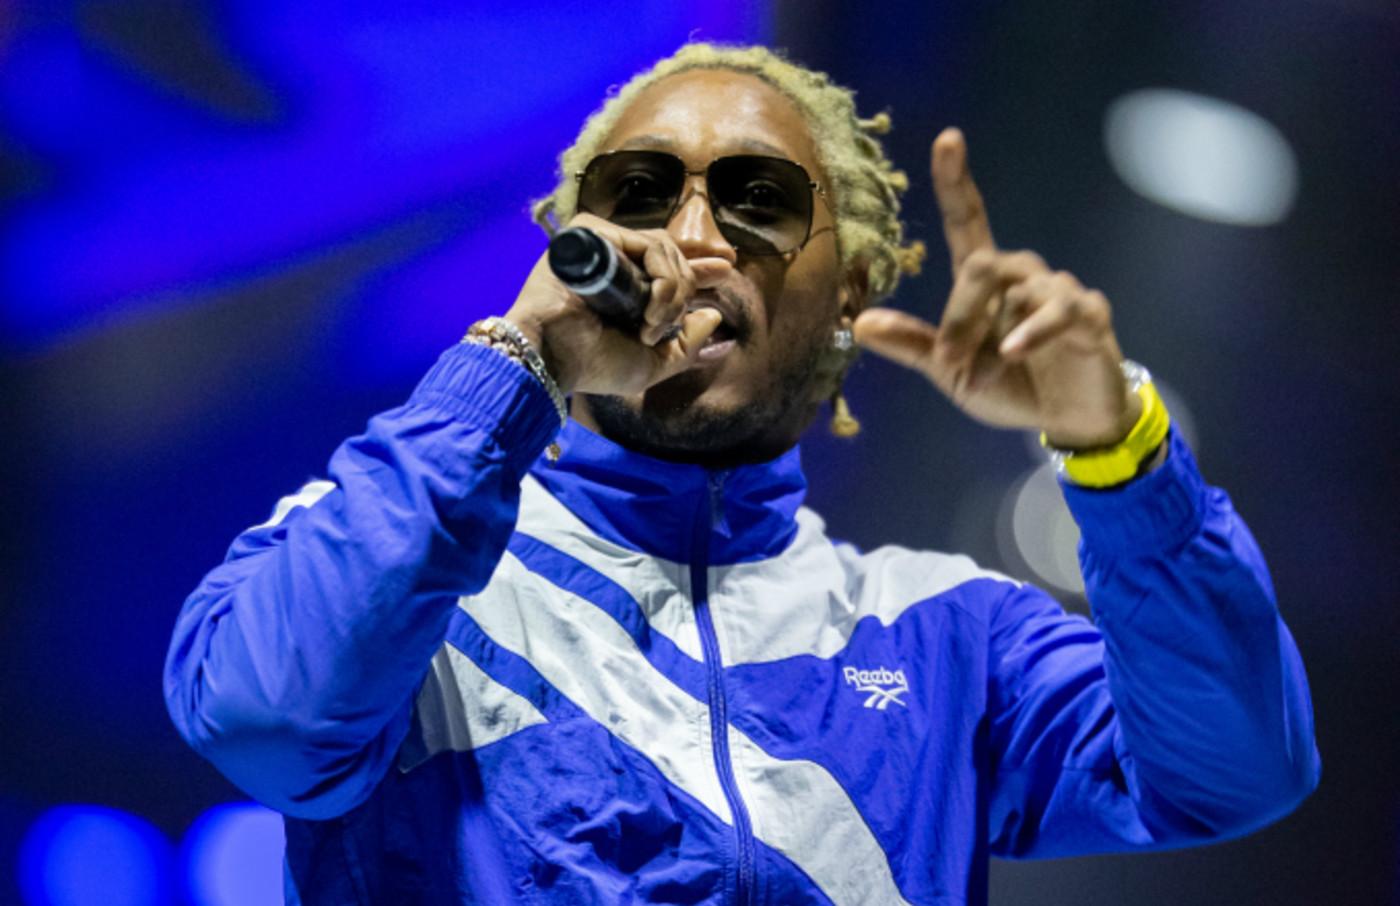 American rapper Future (aka Nayvadius DeMun Wilburn) performs